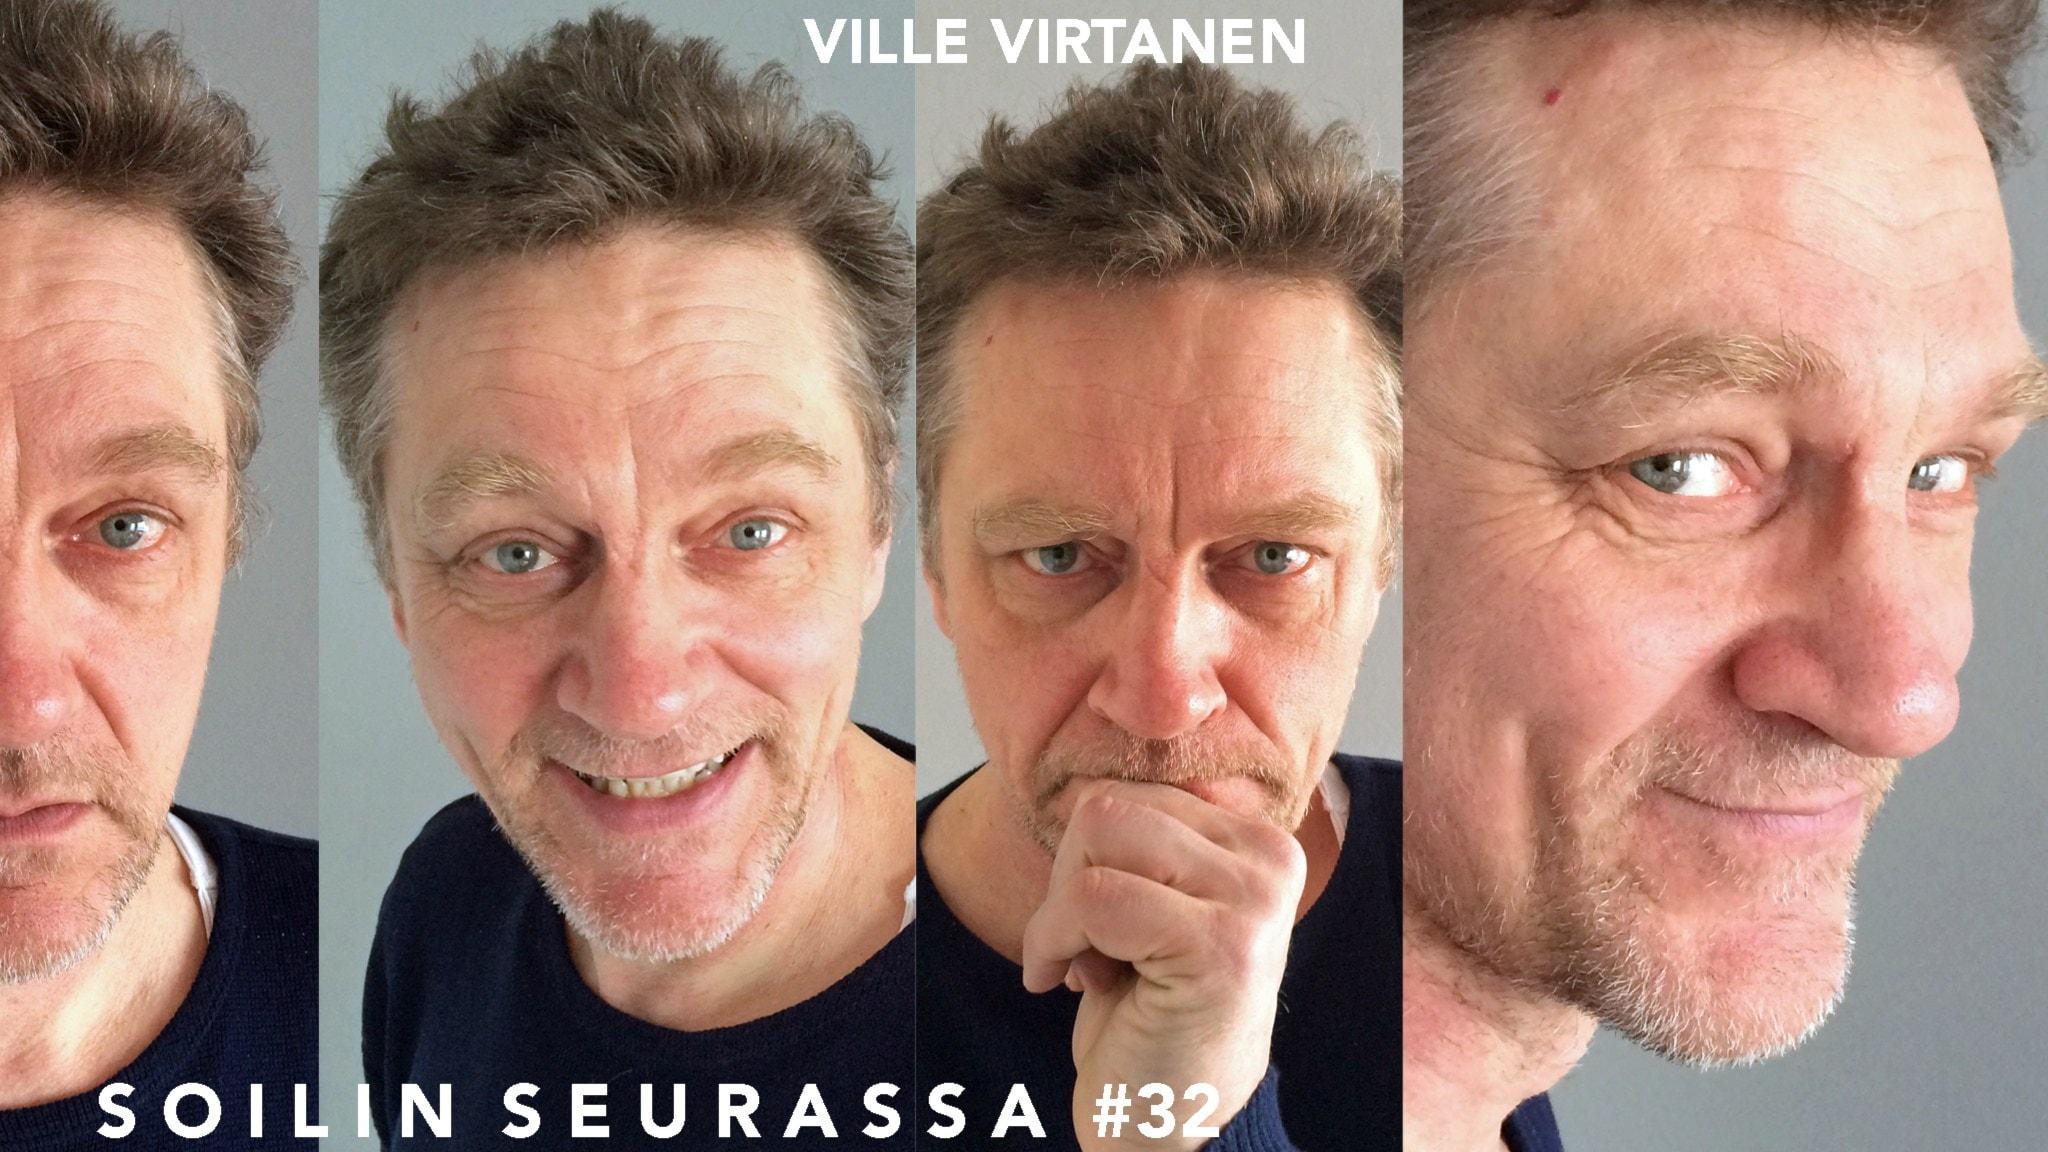 Soilin seurassa näyttelijä, kirjailija Ville Virtanen